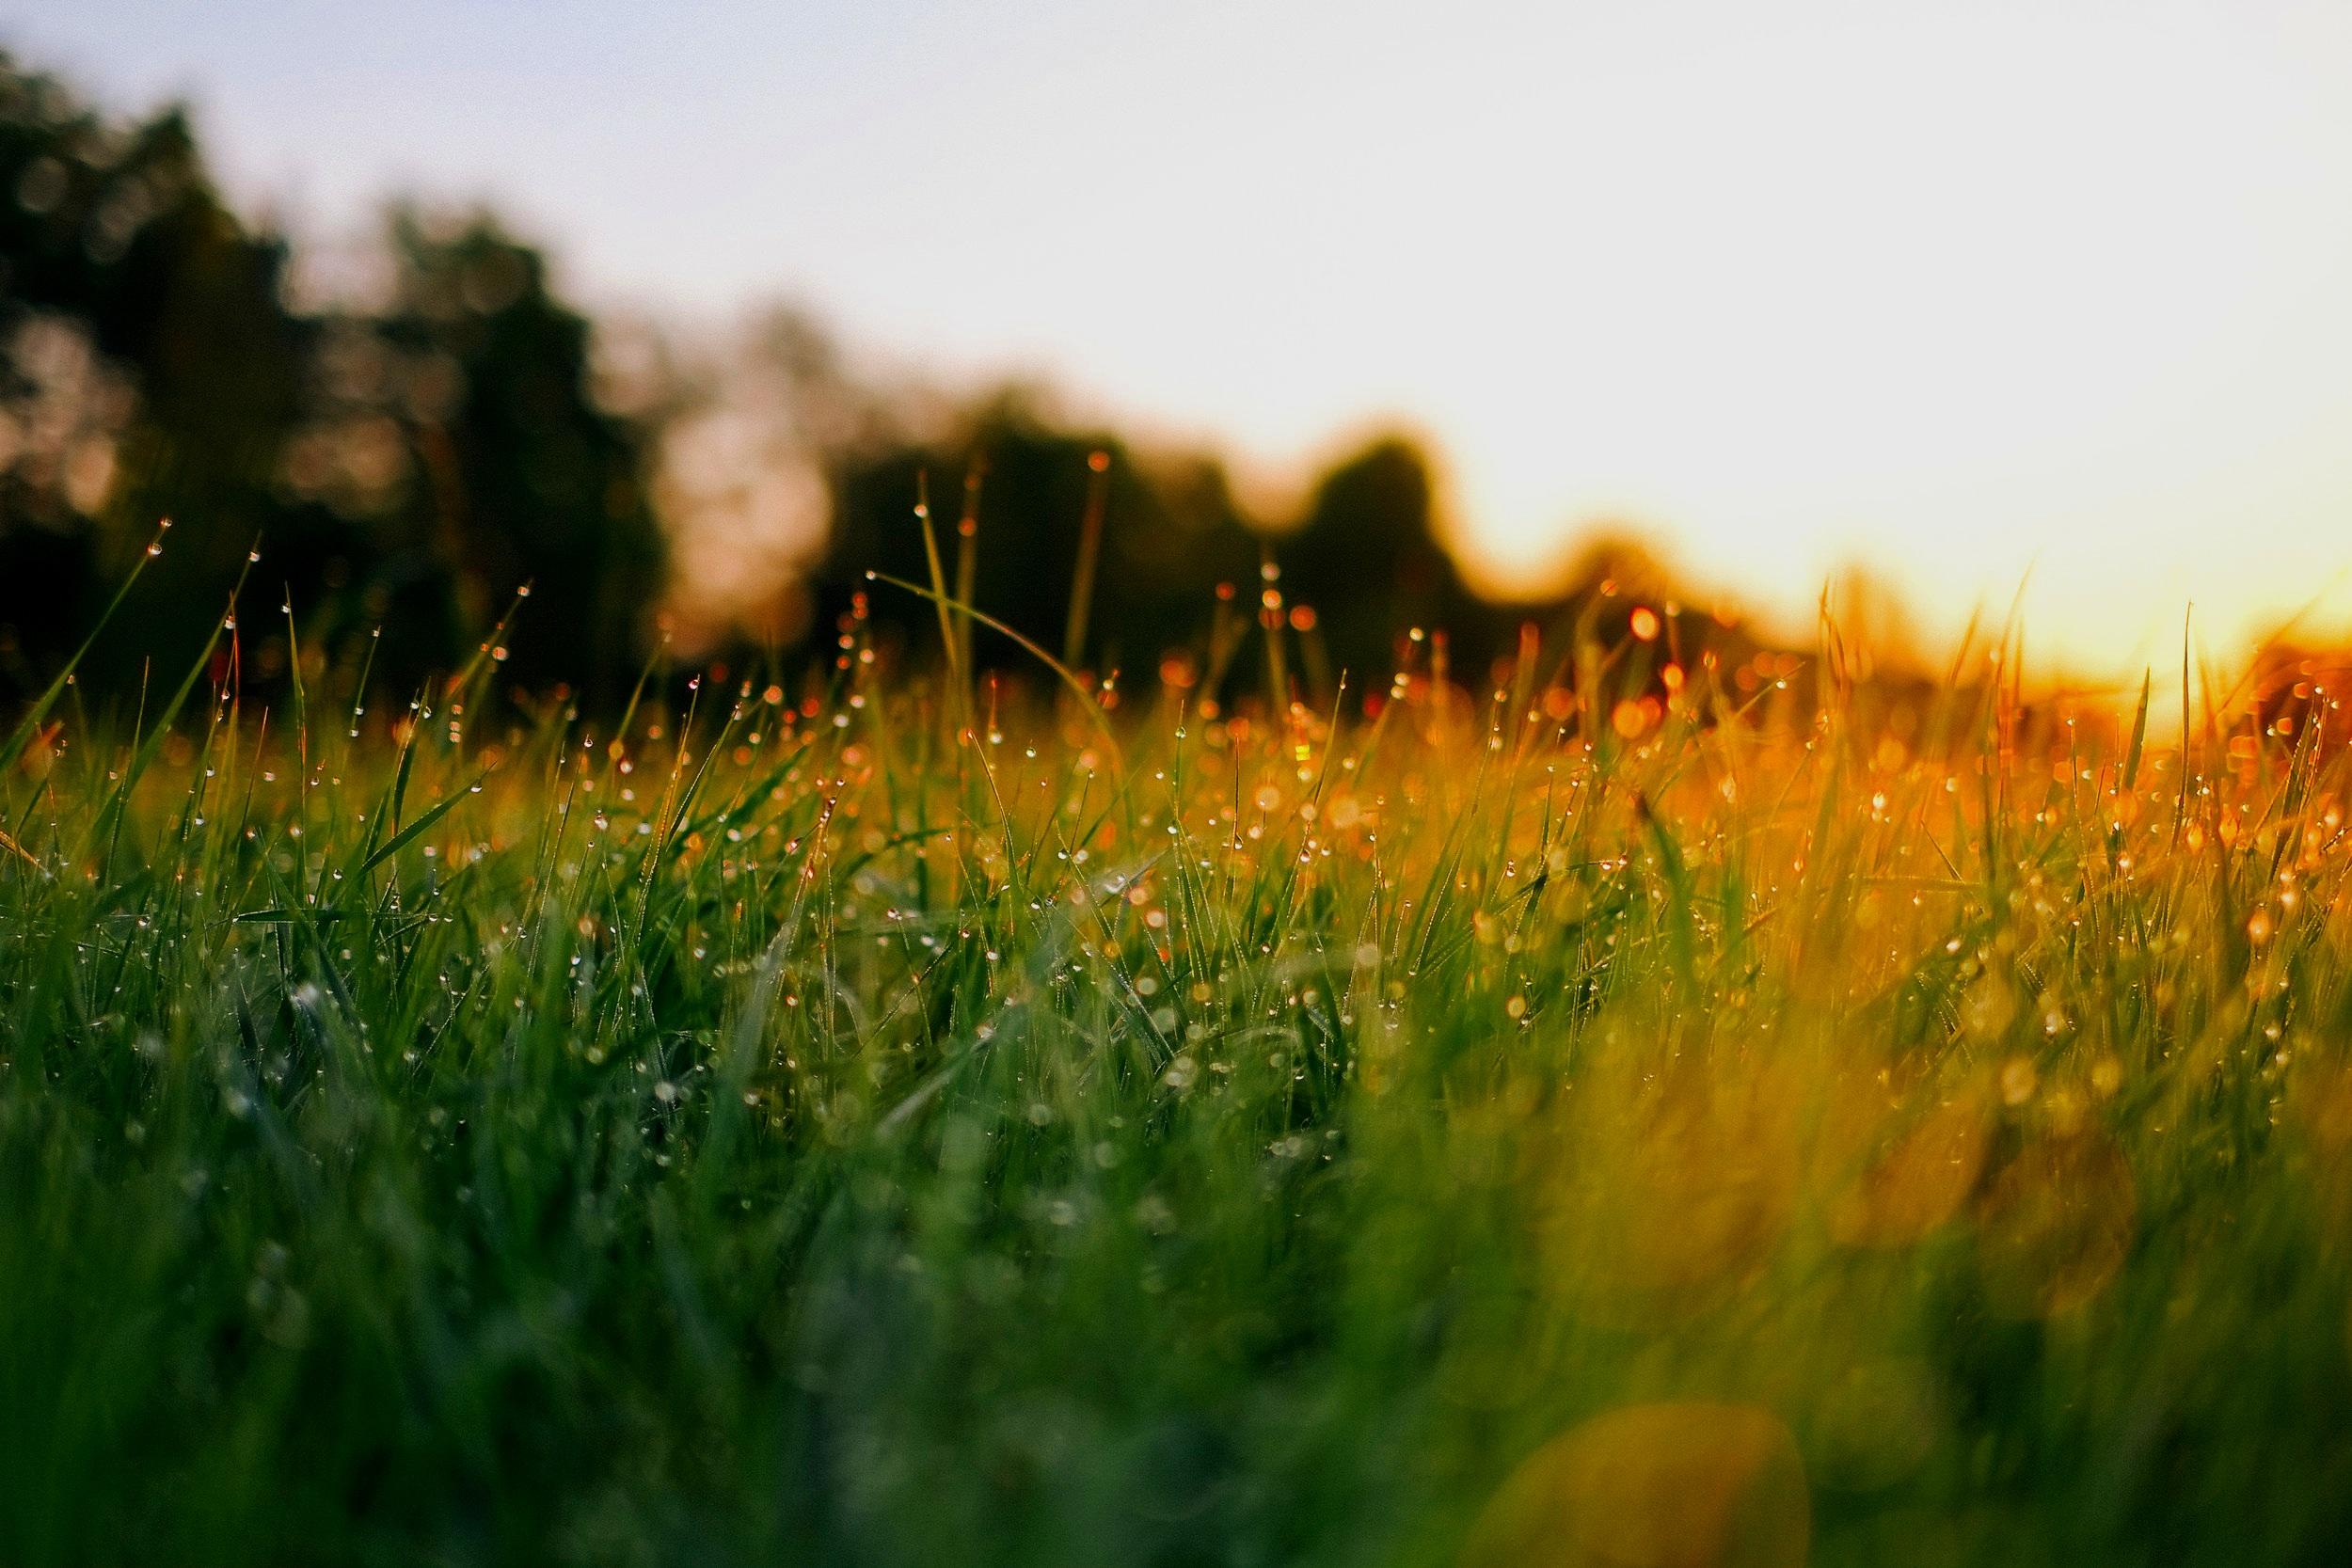 Gå ut i midsommarnatten, ta av dig skorna och låt naturen jorda dig. -